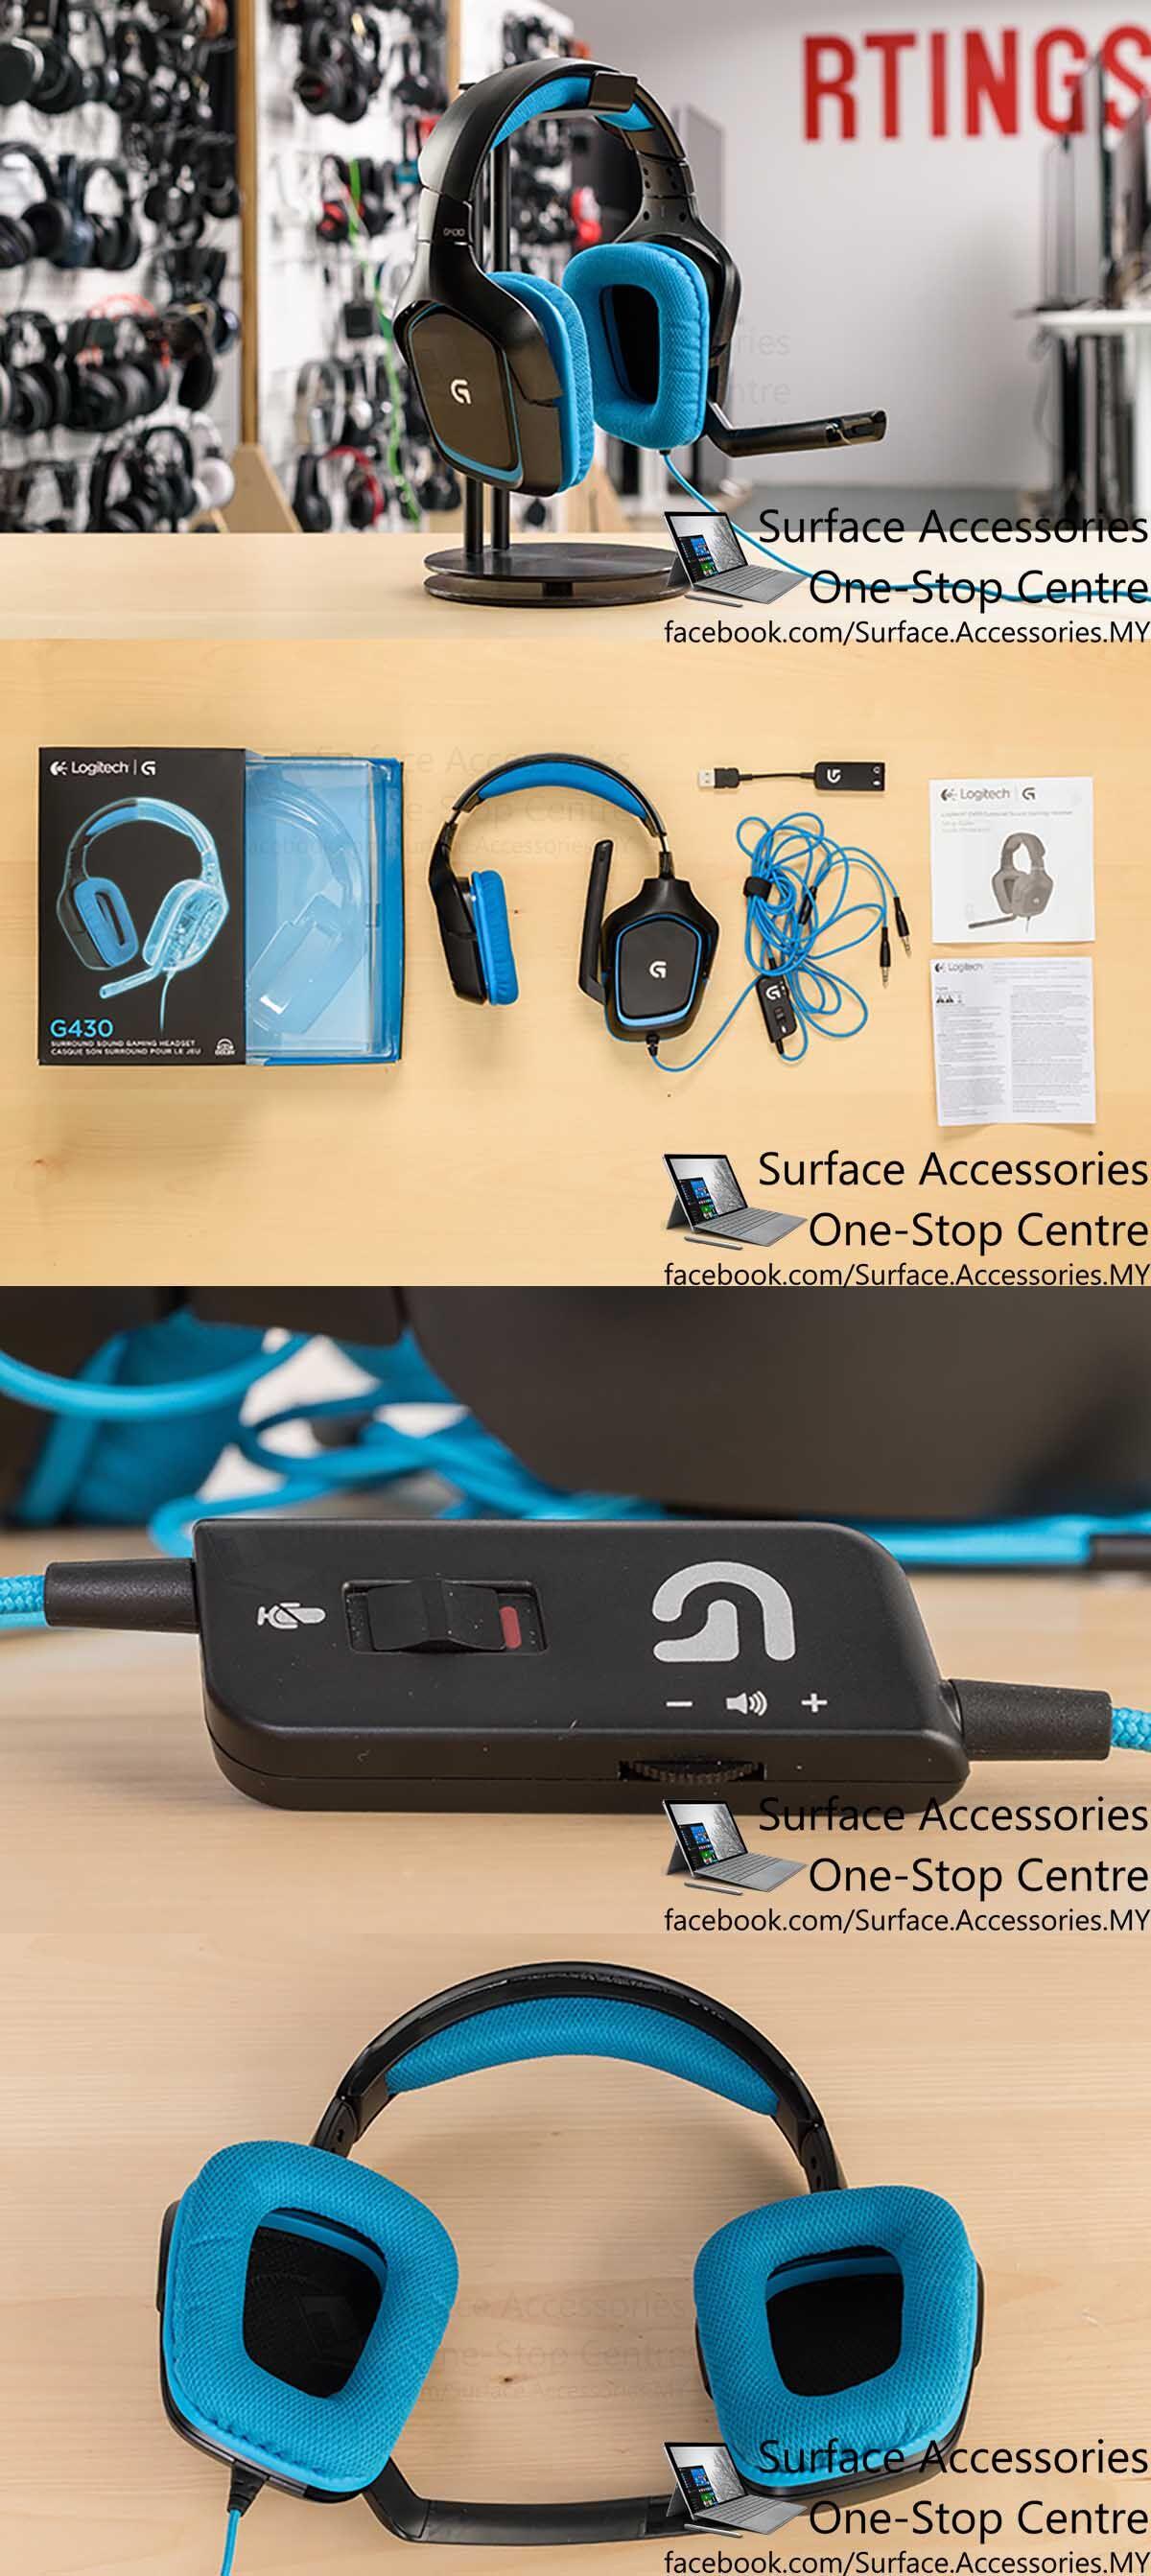 [MALAYSIA]Logitech G430 7.1 Surround Gaming Headset